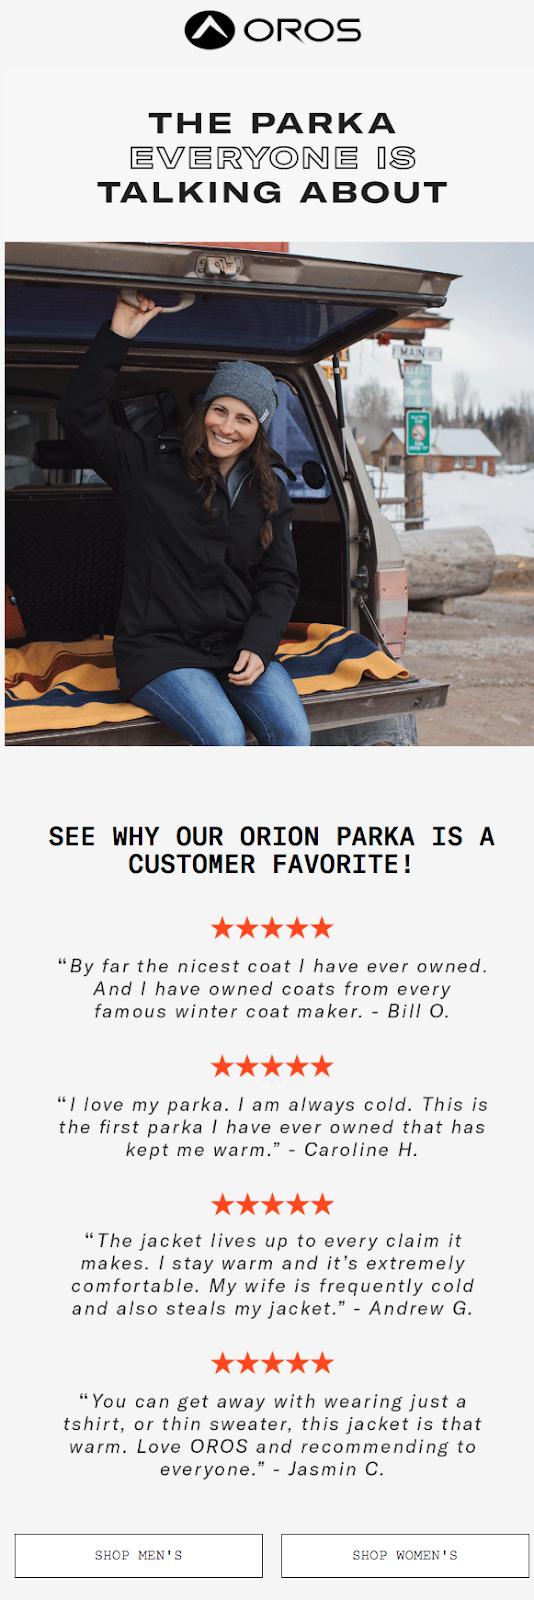 Oros uses testimonials on its parkas.